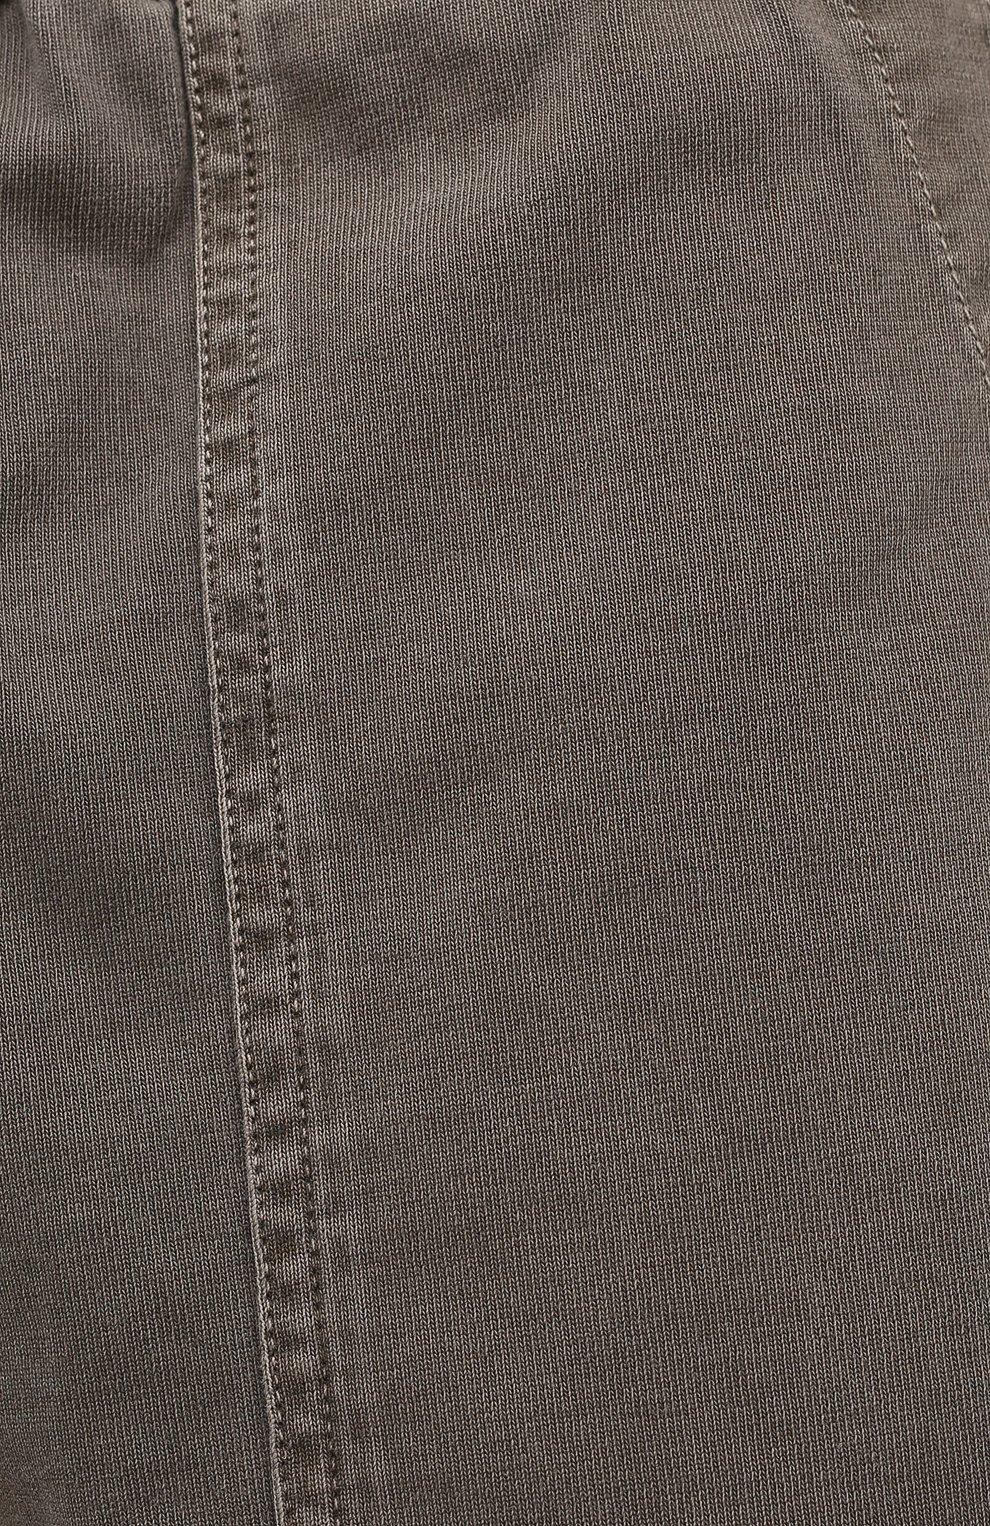 Мужские хлопковые шорты JAMES PERSE хаки цвета, арт. MNW4197 | Фото 5 (Мужское Кросс-КТ: Шорты-одежда; Длина Шорты М: До колена; Принт: Без принта; Материал внешний: Хлопок; Стили: Кэжуэл)